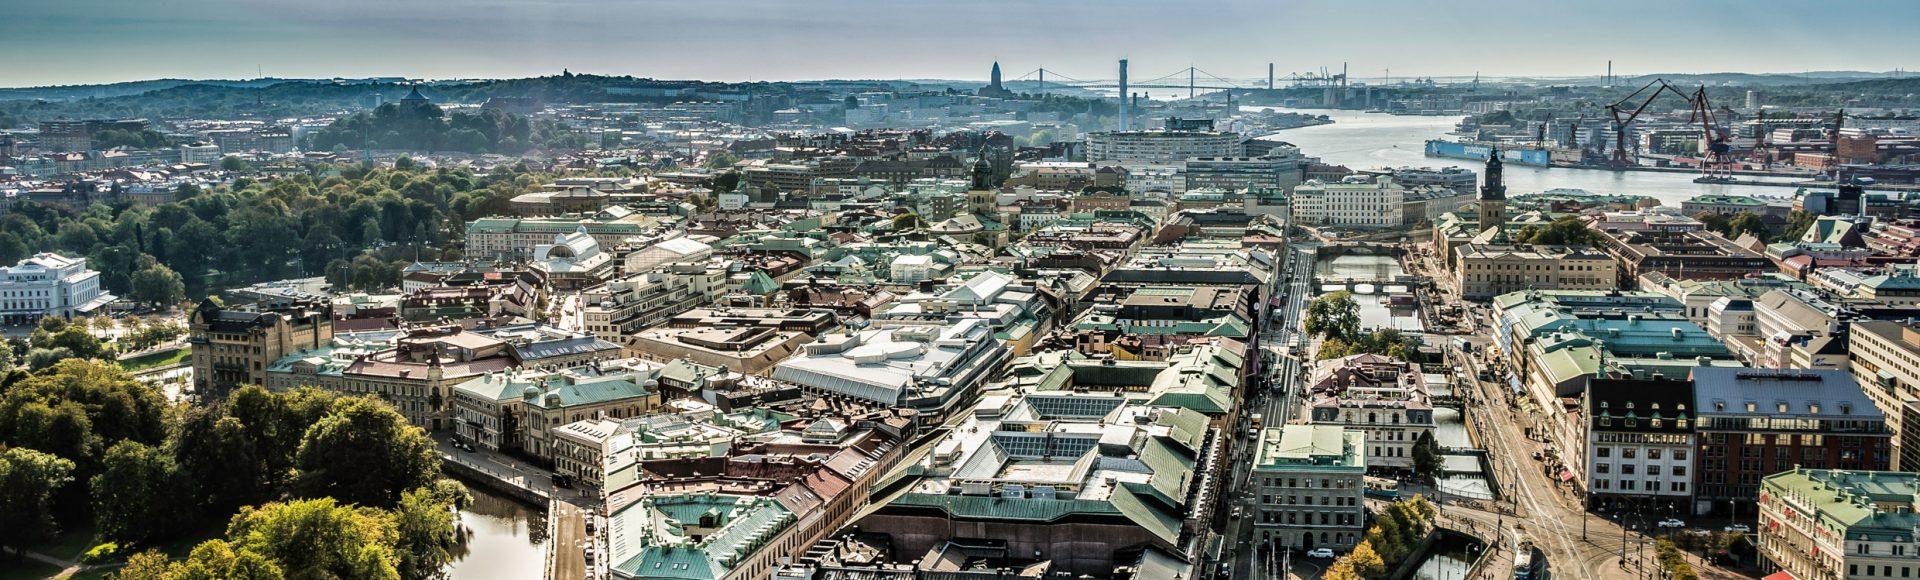 3 Tage in Göteborg – Tipps für deinen Kurzurlaub mit Routen und Karten